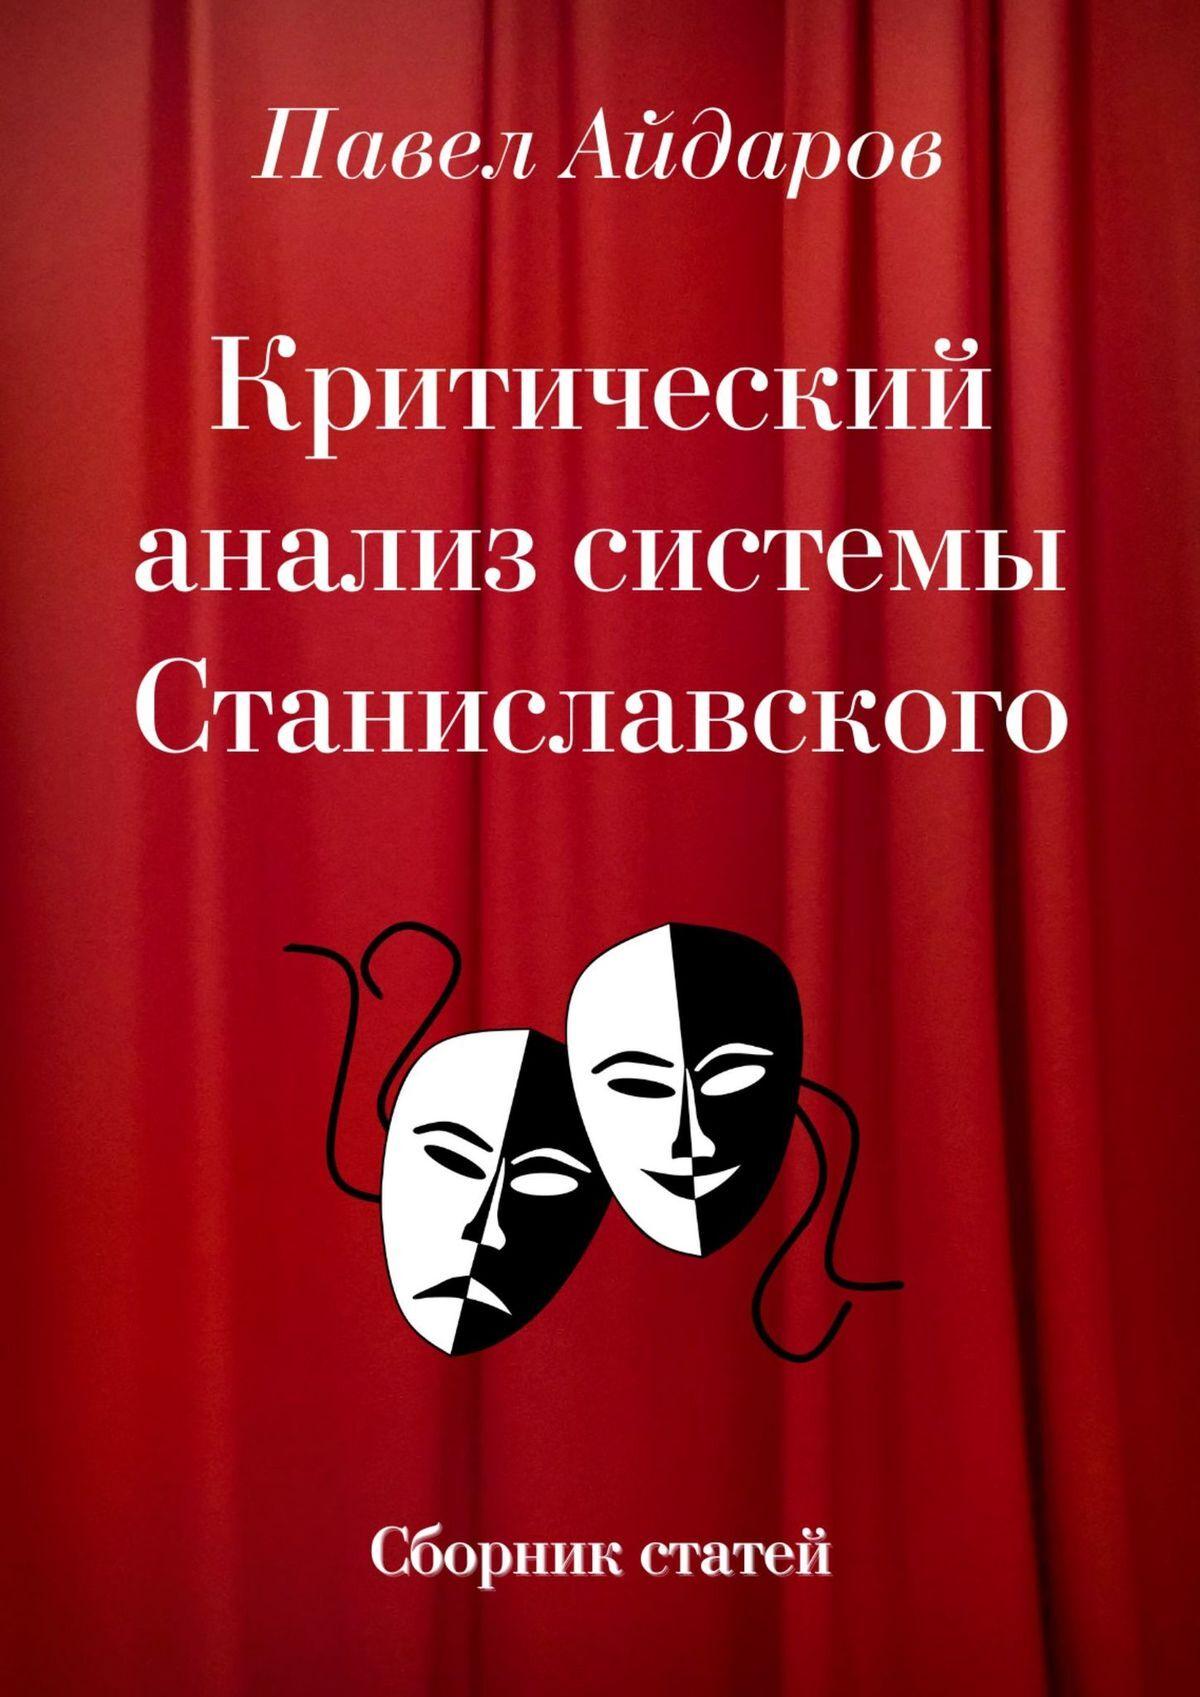 Критический анализ системы Станиславского. Сборник статей